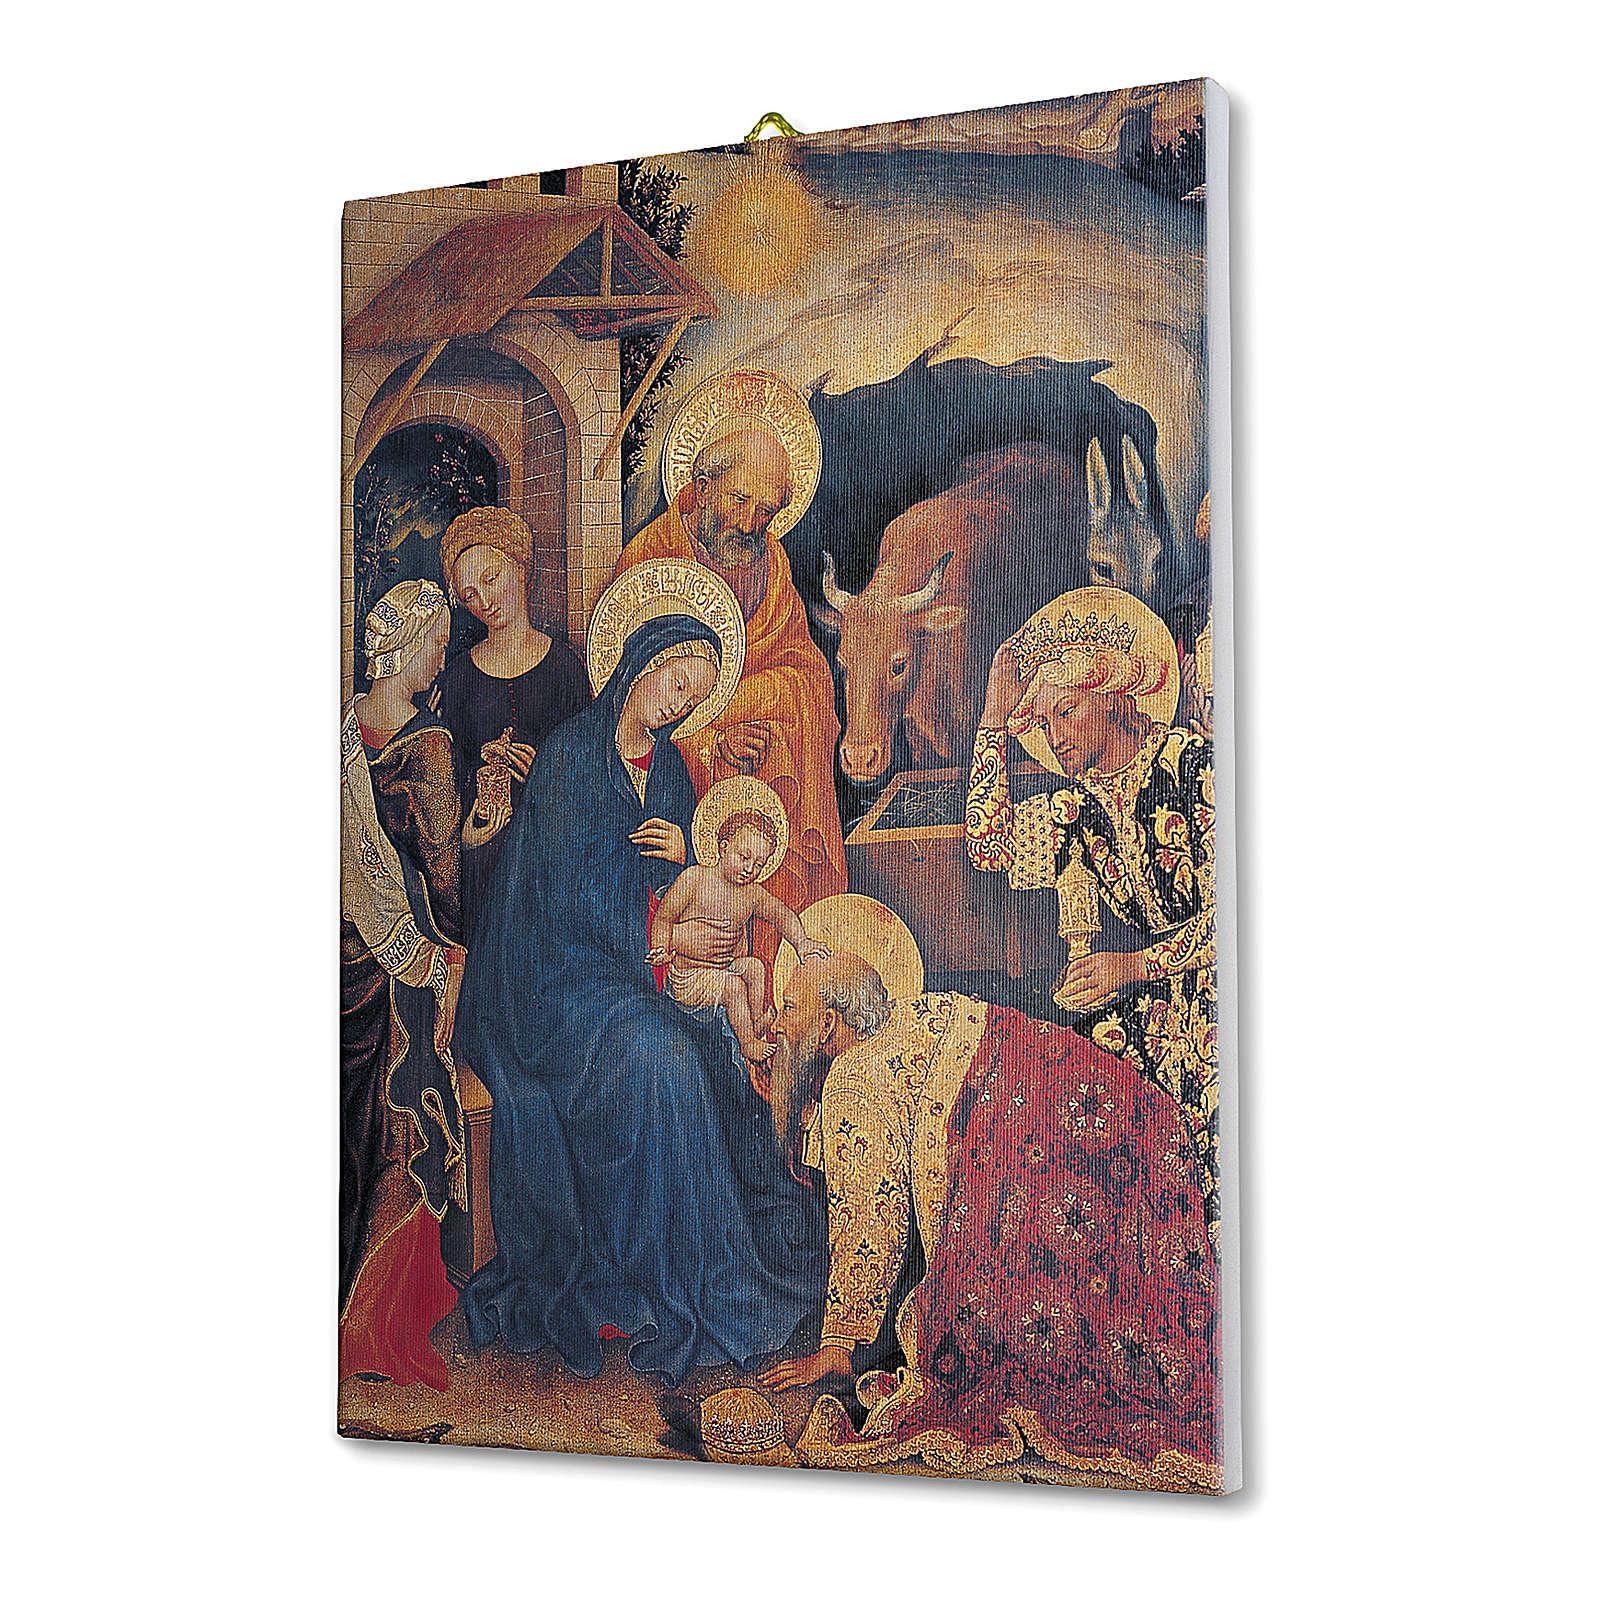 Cadre sur toile Adoration des Mages de Gentile Fabriano 25x20 cm 3